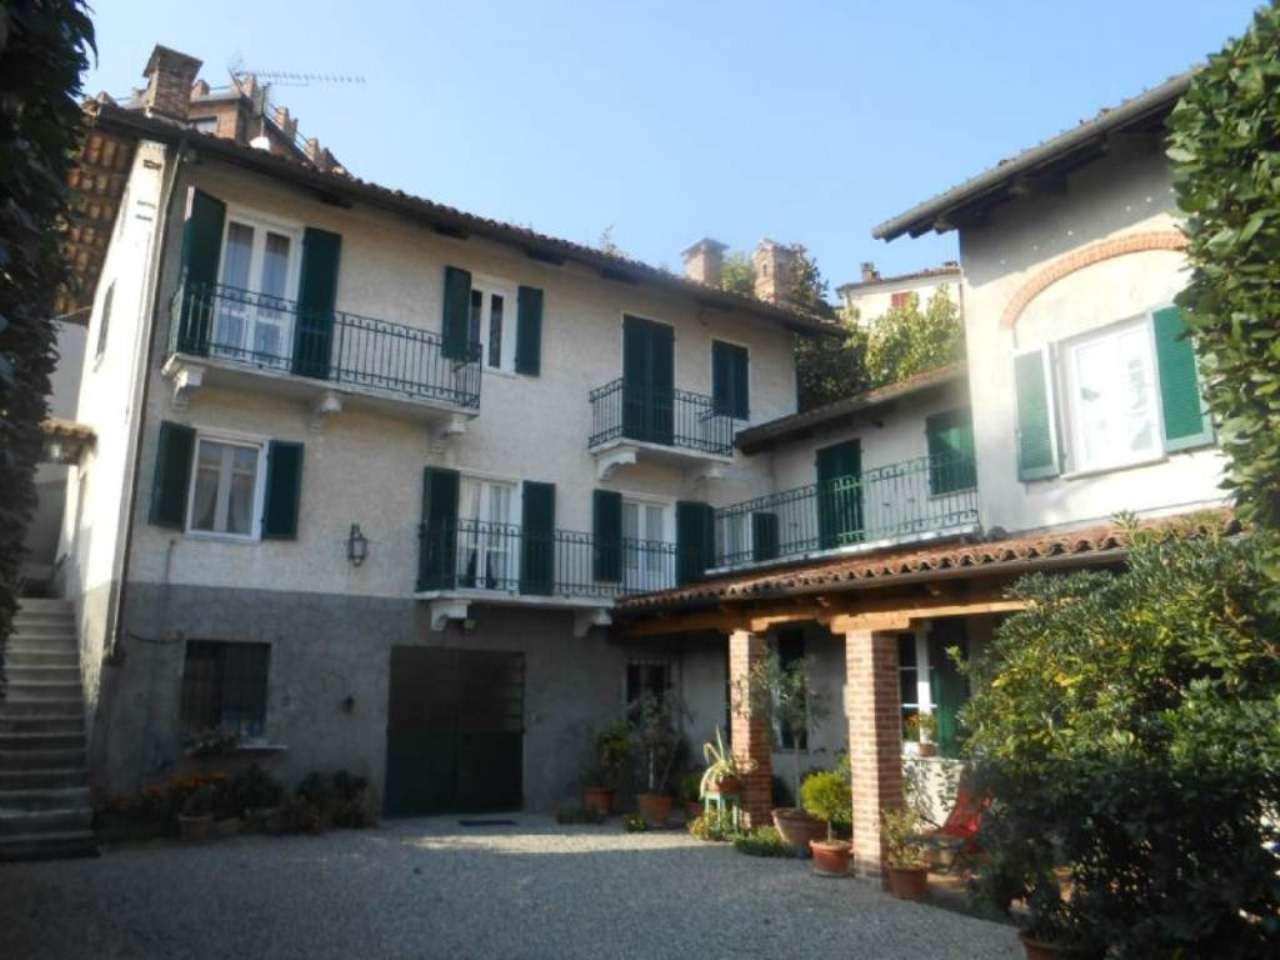 Soluzione Indipendente in vendita a Castelnuovo Don Bosco, 18 locali, prezzo € 199.000 | CambioCasa.it